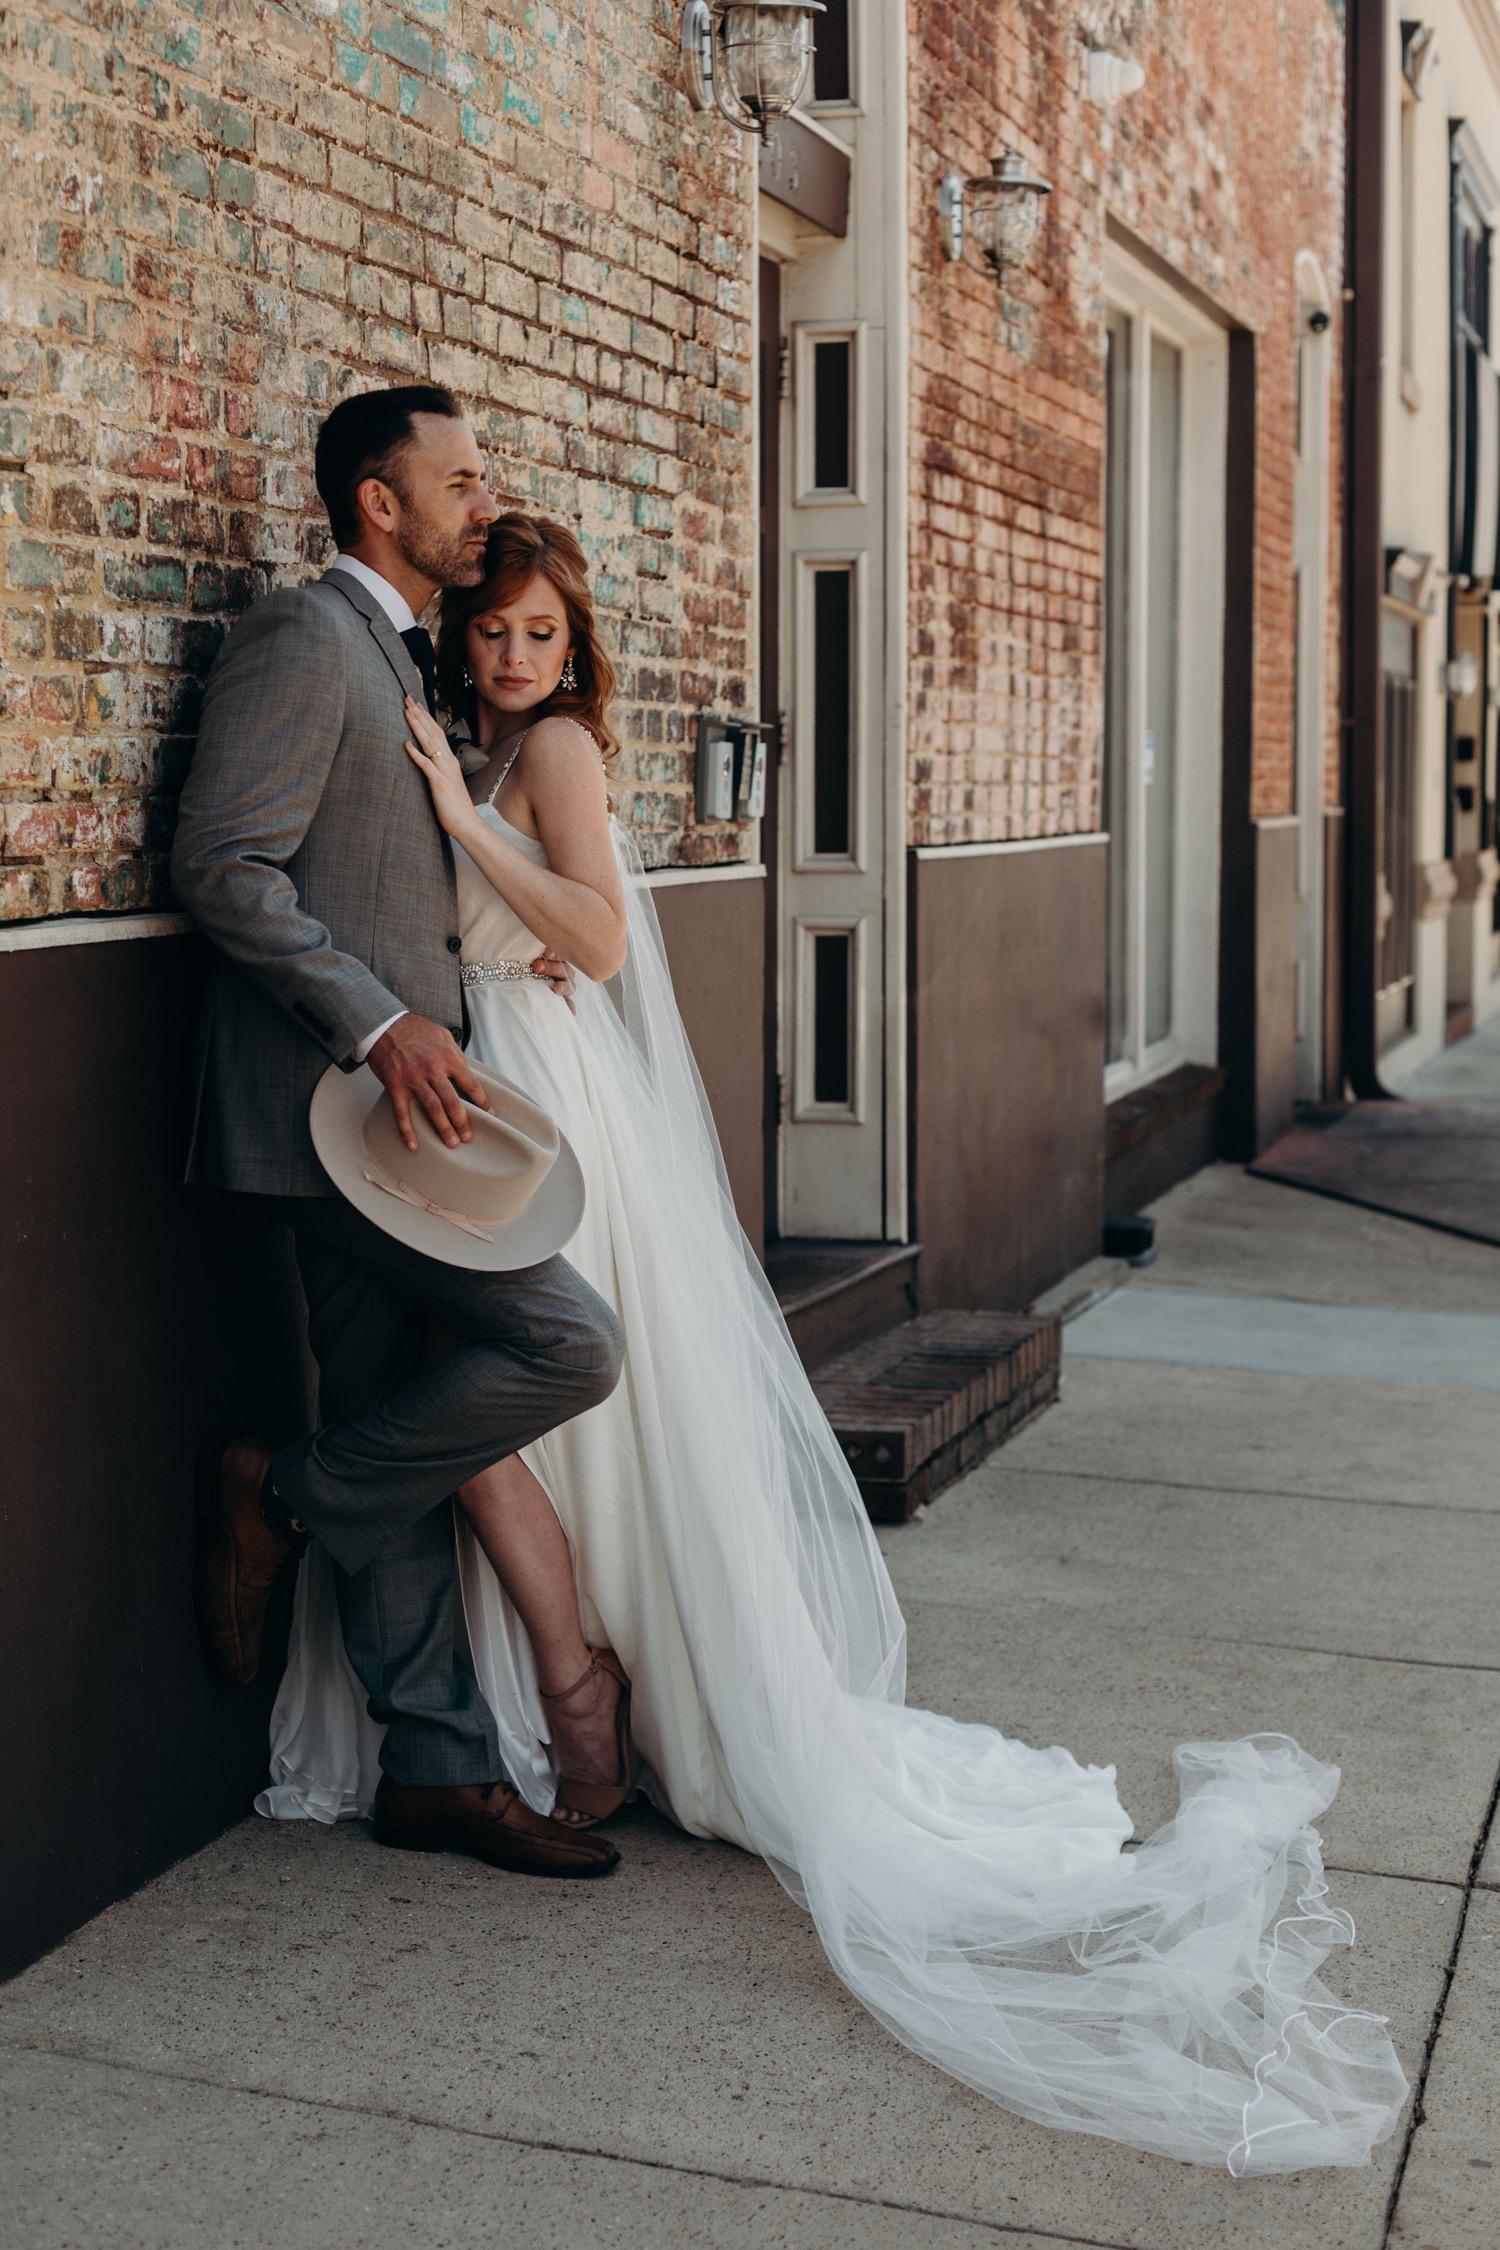 creative street photographer for weddings on canvas